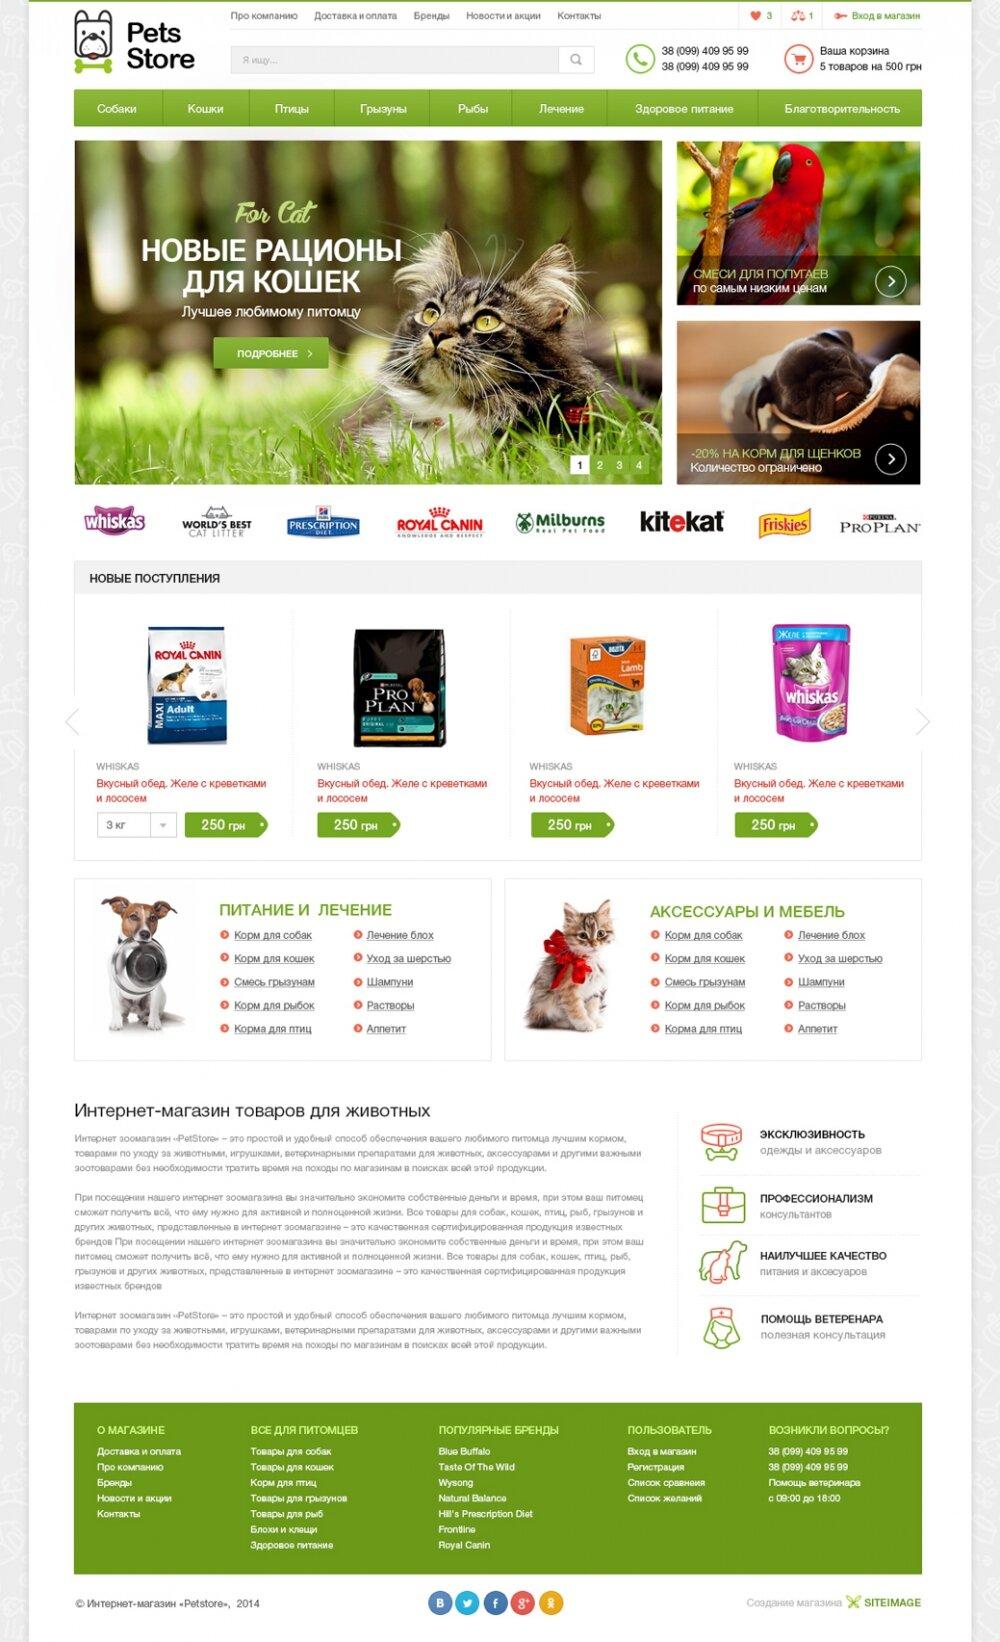 Безкоштовний шаблон інтернет-магазину Petstore Товари для тварин - 1 Small